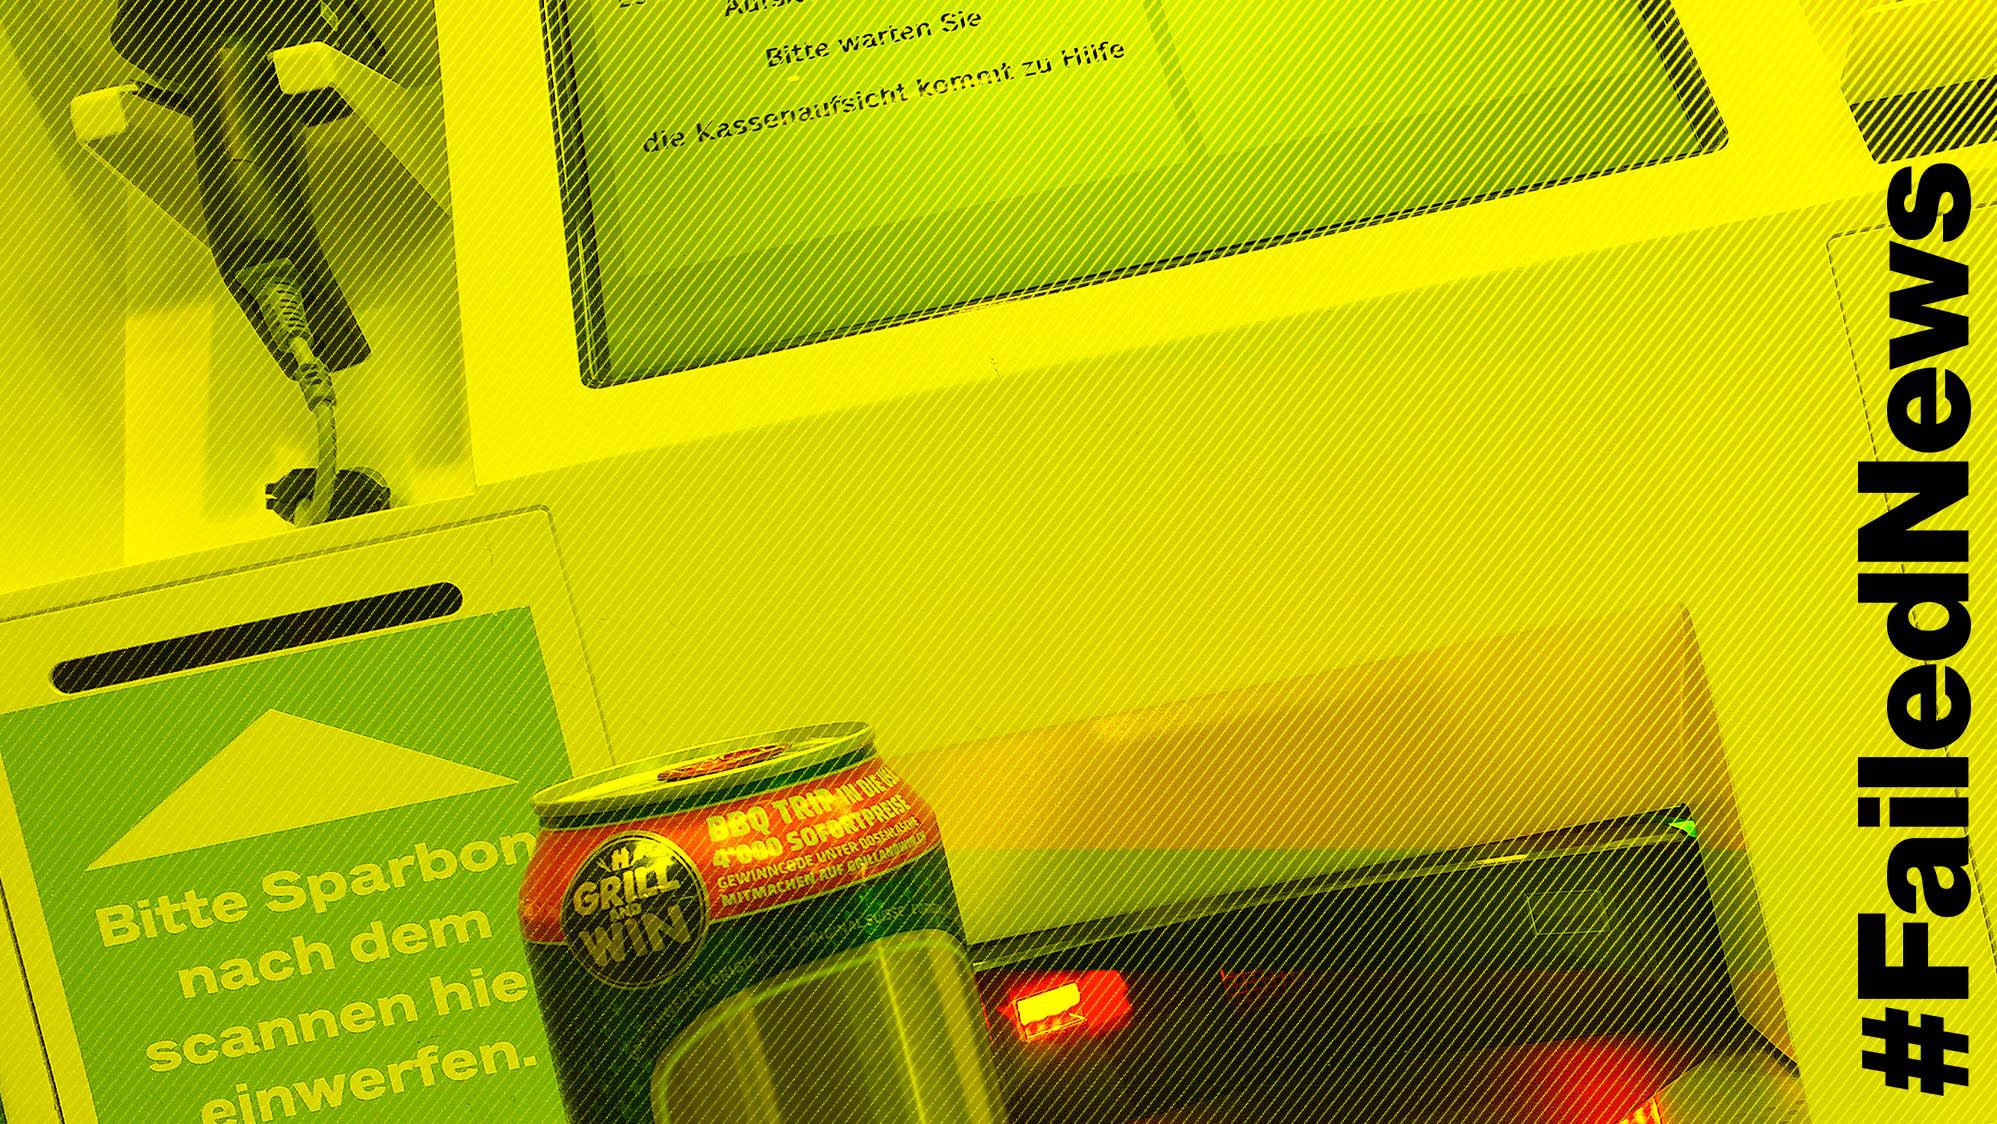 Welche Kasse kann schon  automatisch abschätzen, wie alt die Bierkäuferin ist?